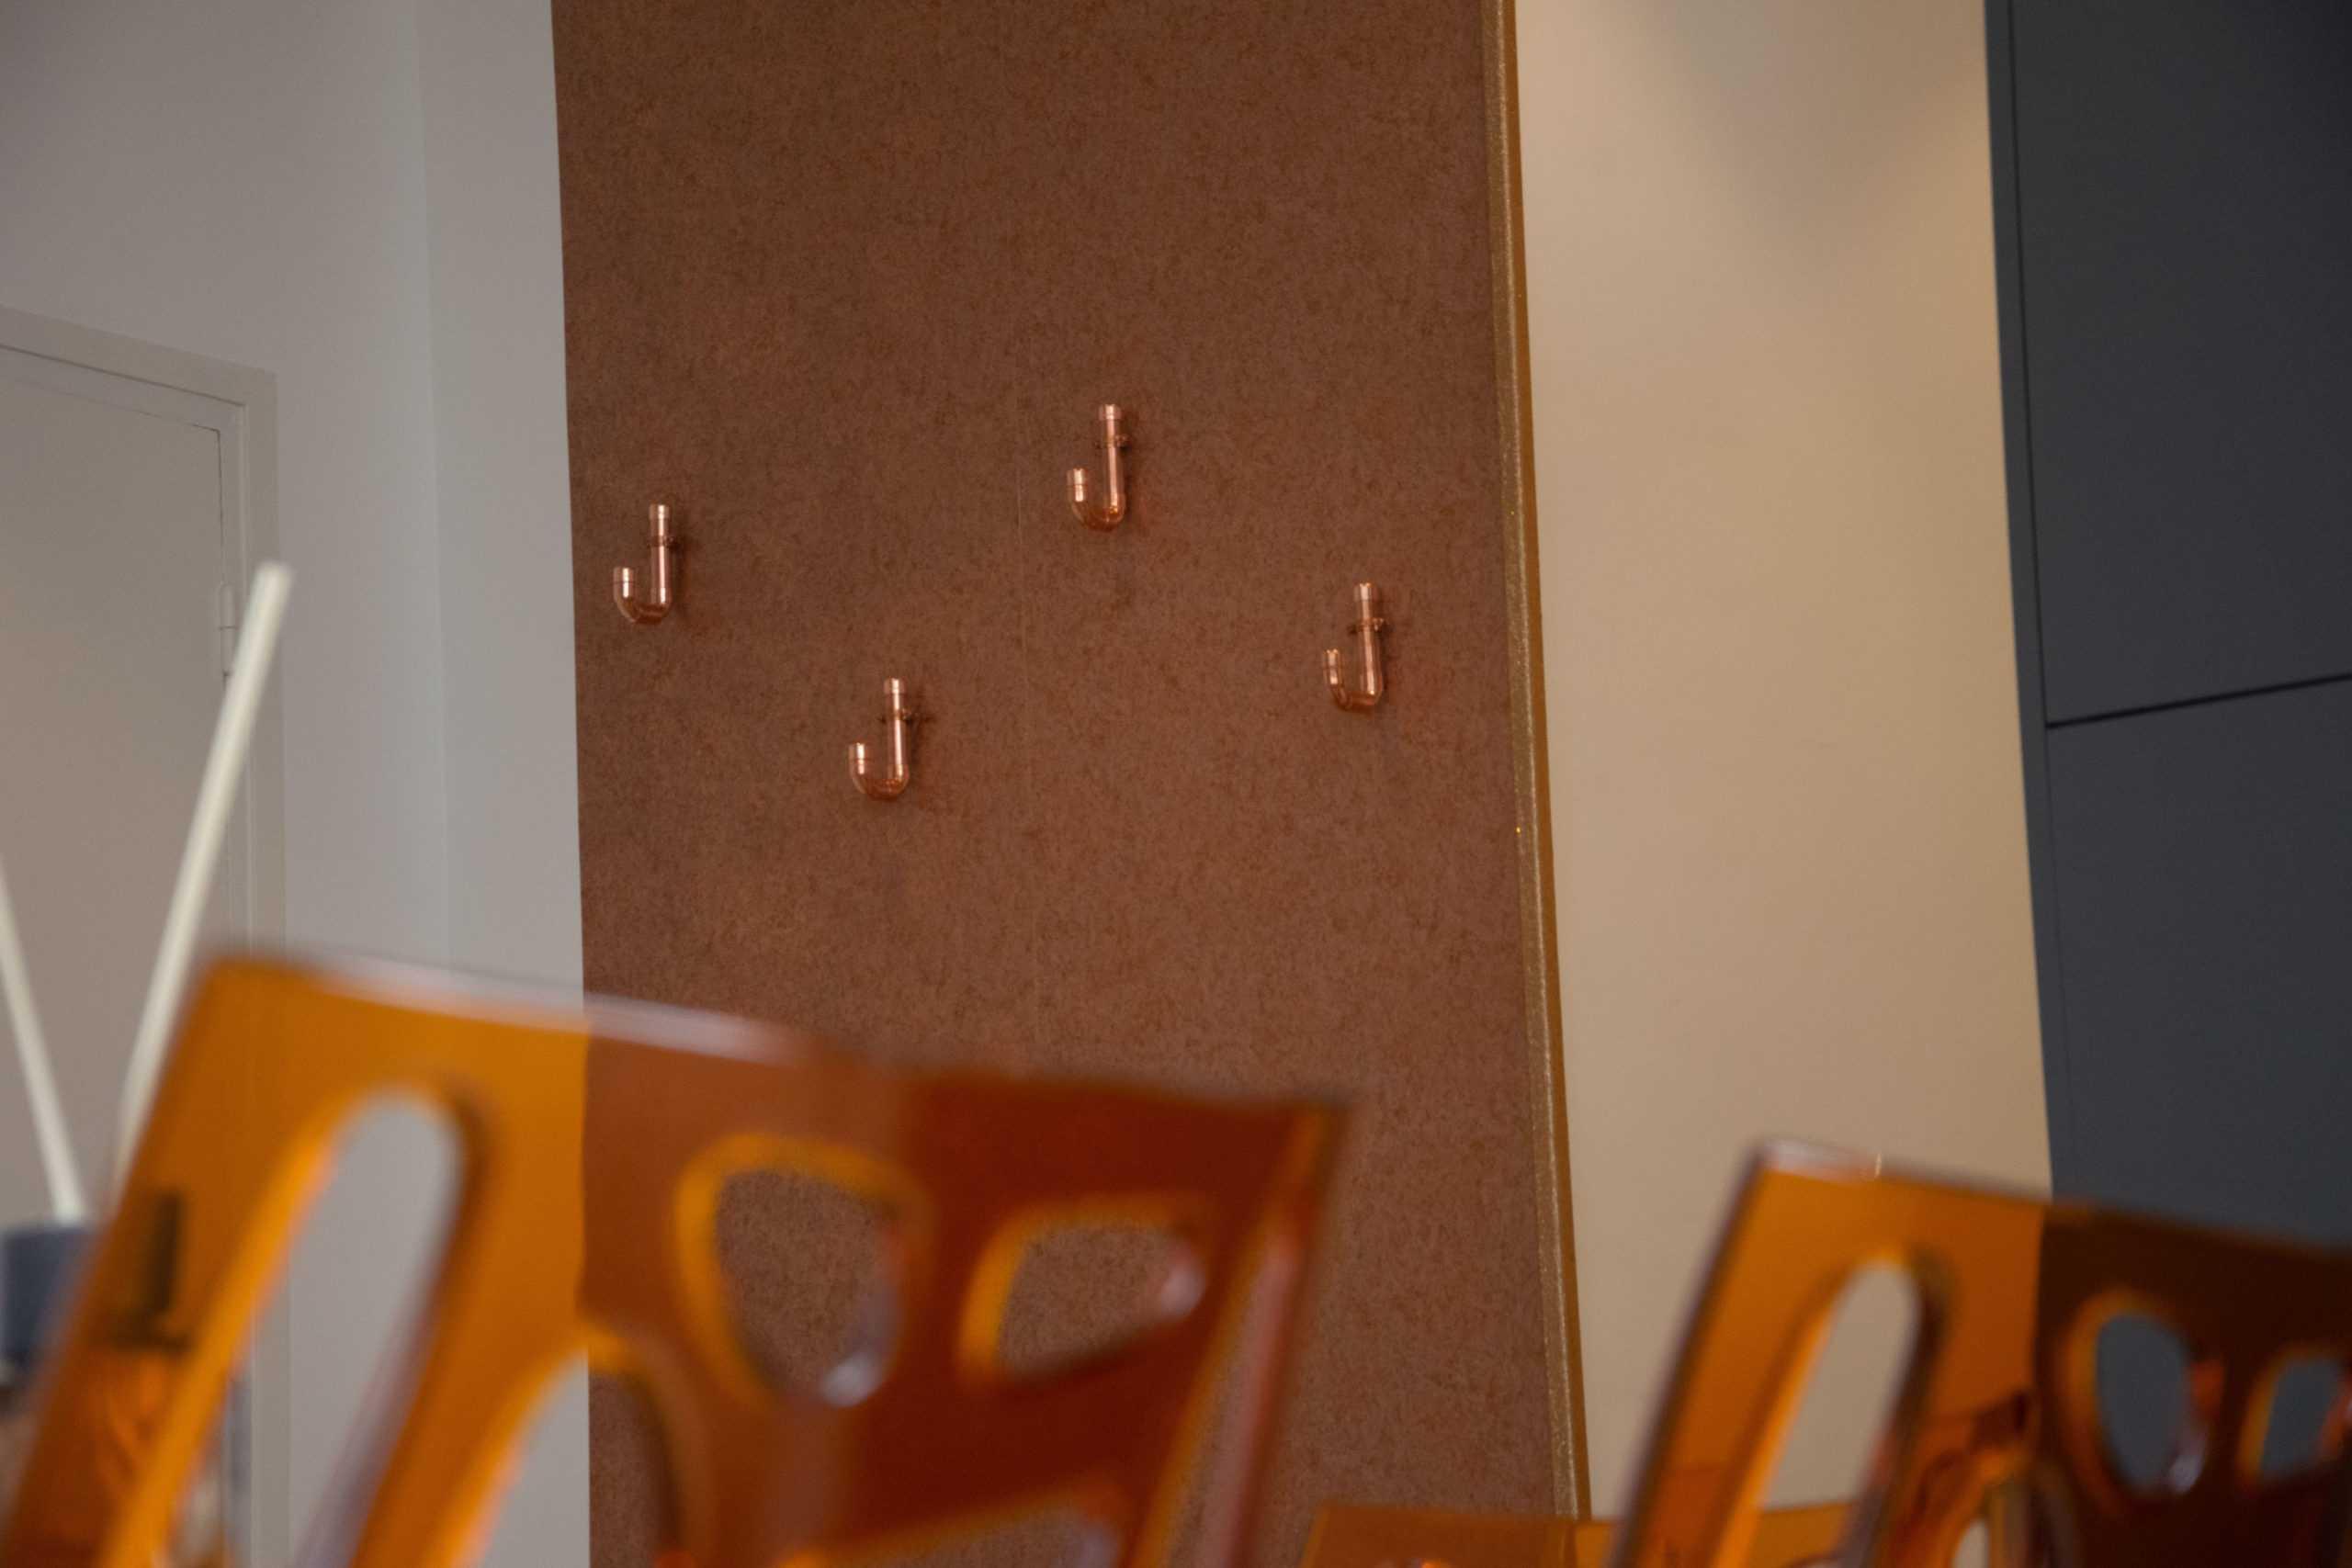 appartement_15eme_droite_tour_perret_amiens_tourisme_porte_manteau